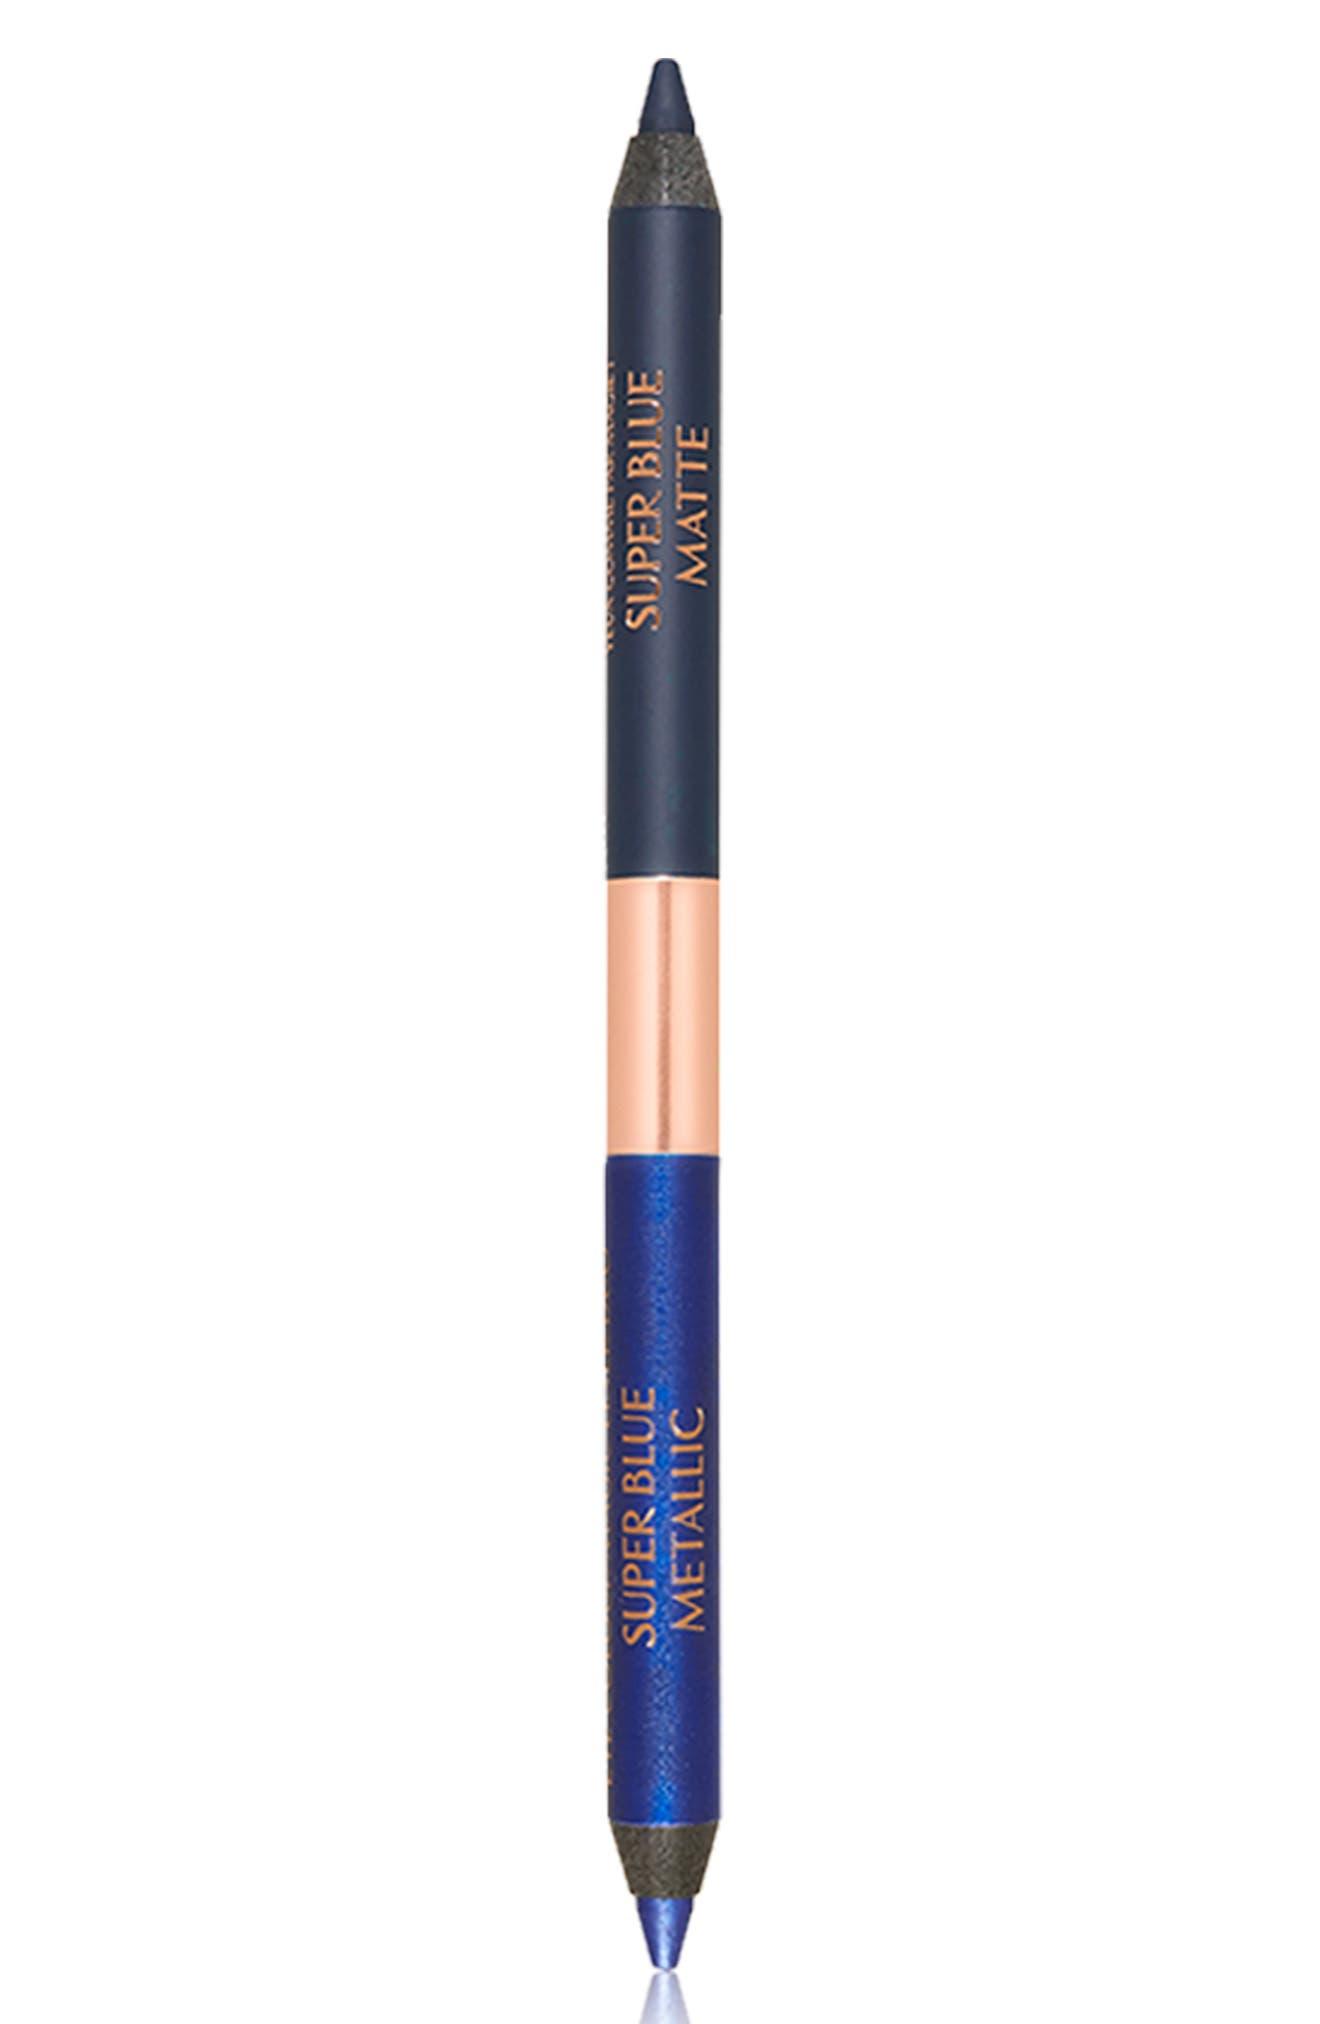 Eye Color Magic Eyeliner Pencil Duo | Nordstrom